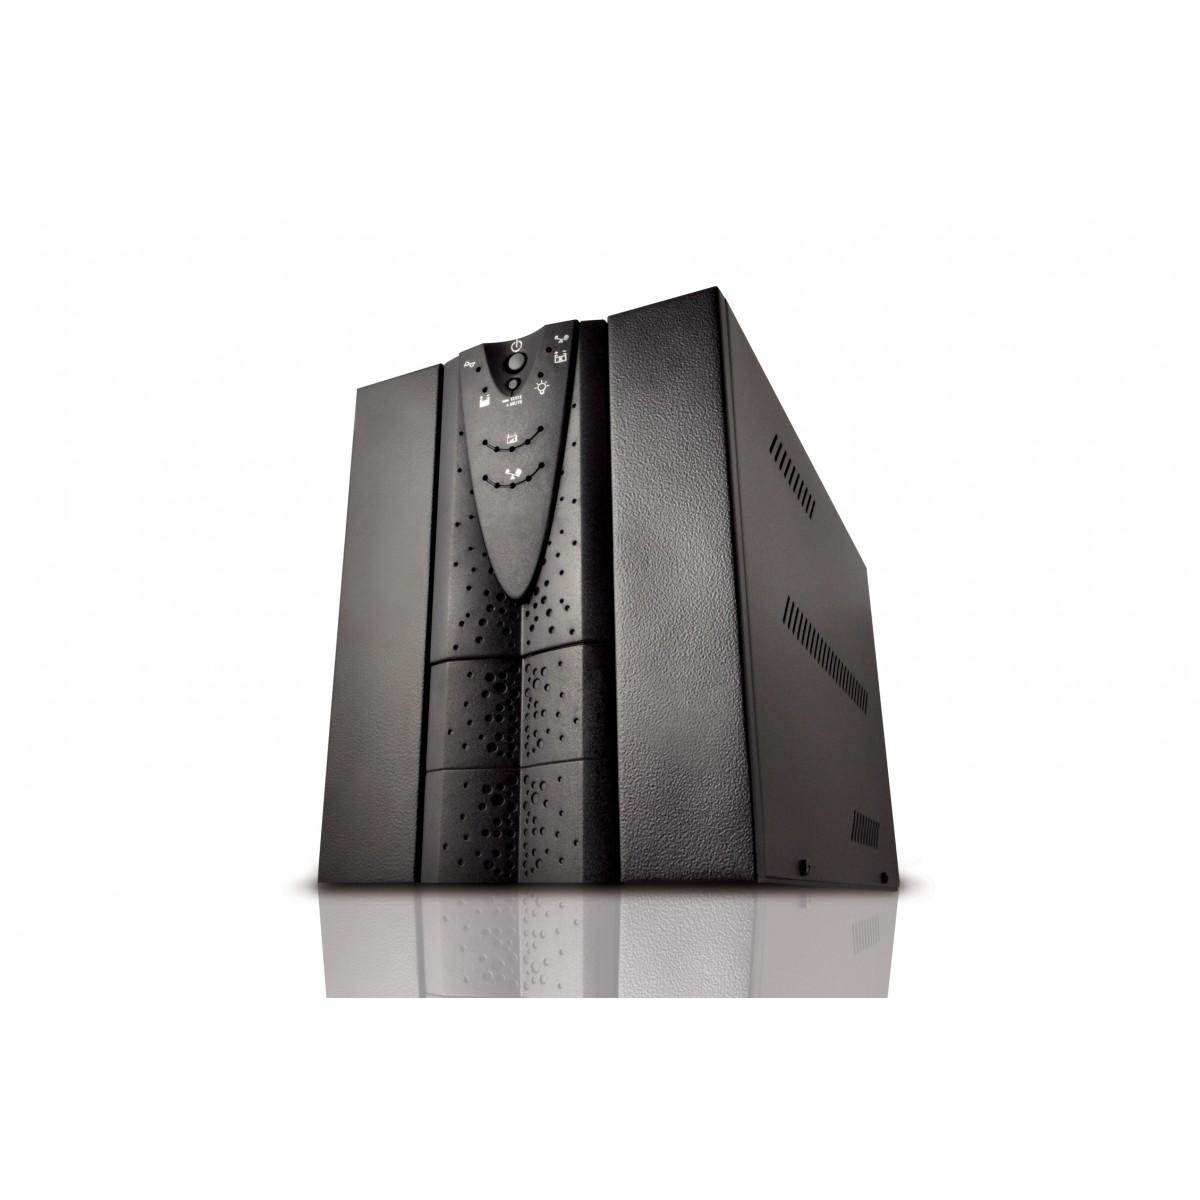 Nobreak Senoidal Magic Power II Enermax 2200 Bivolt Autom�tico USB